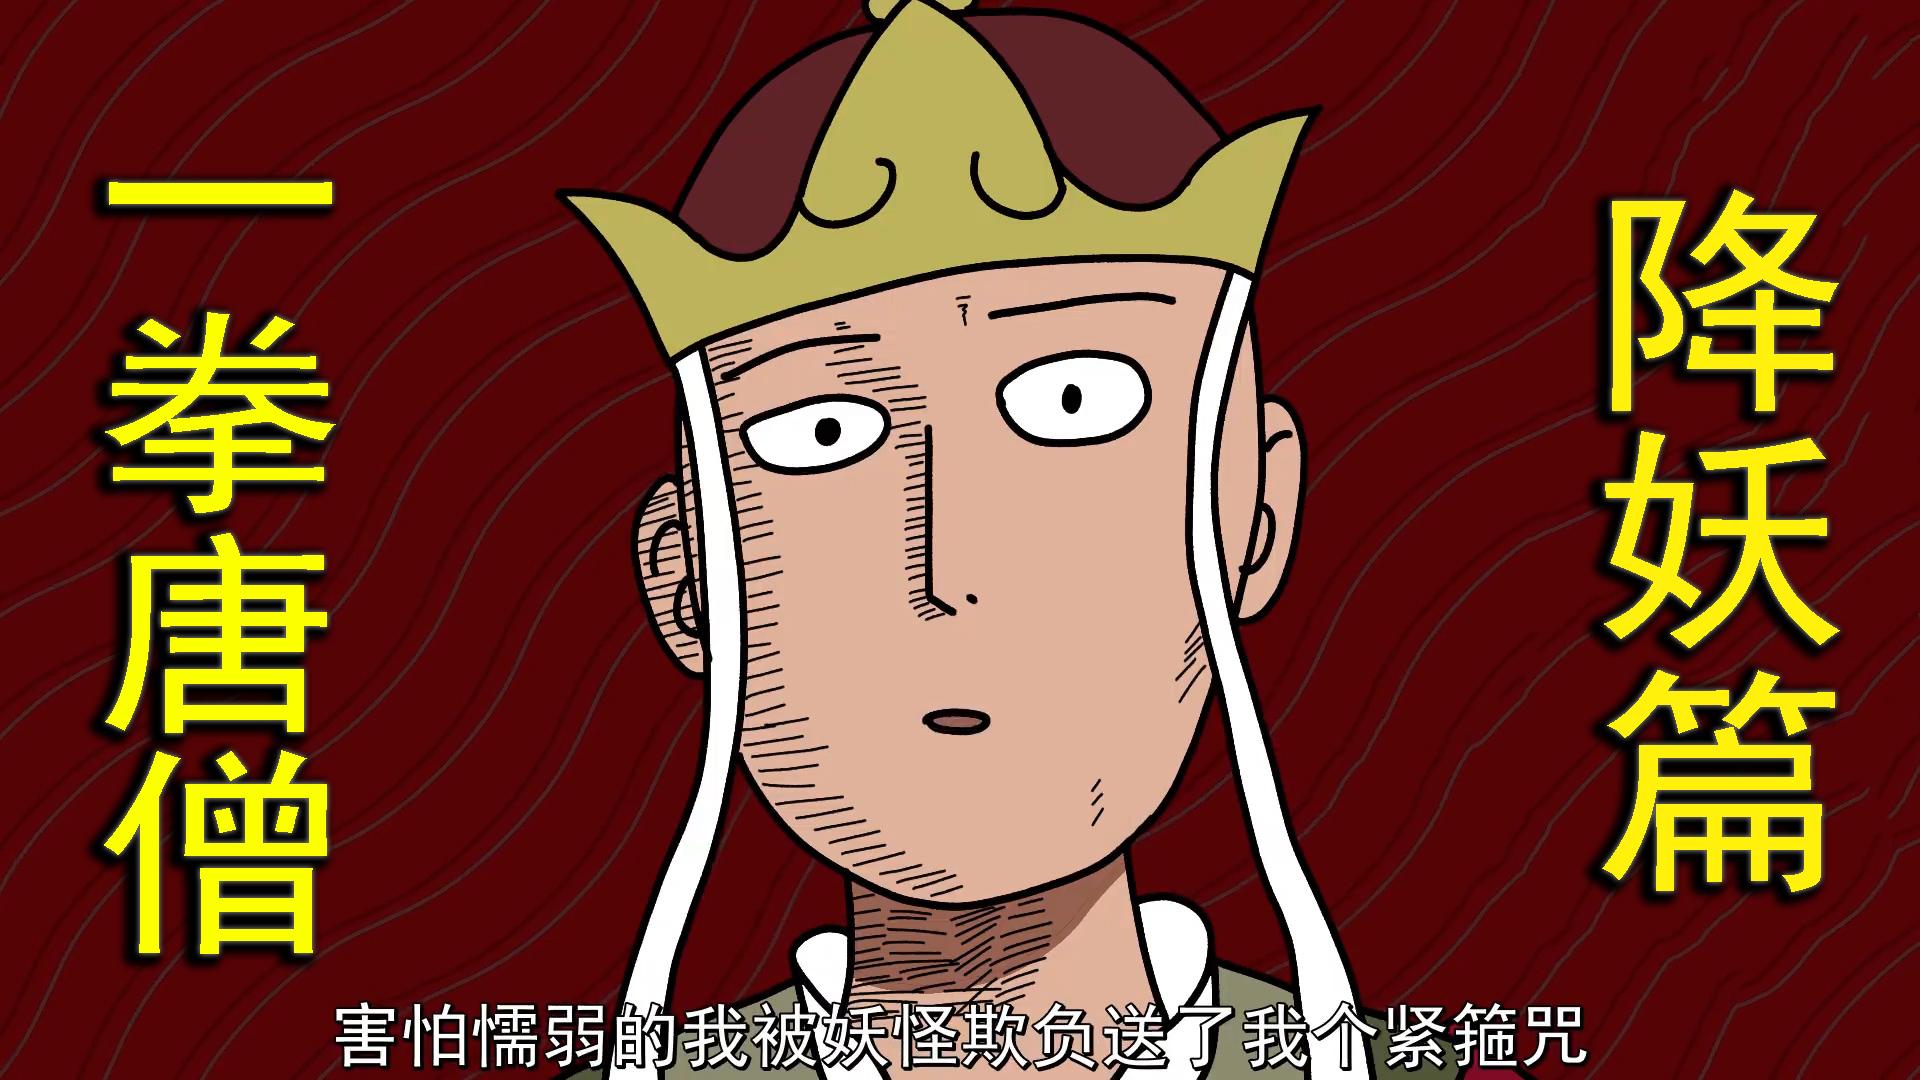 【沙雕动画】最强唐僧之一拳唐僧:降妖总结篇2!